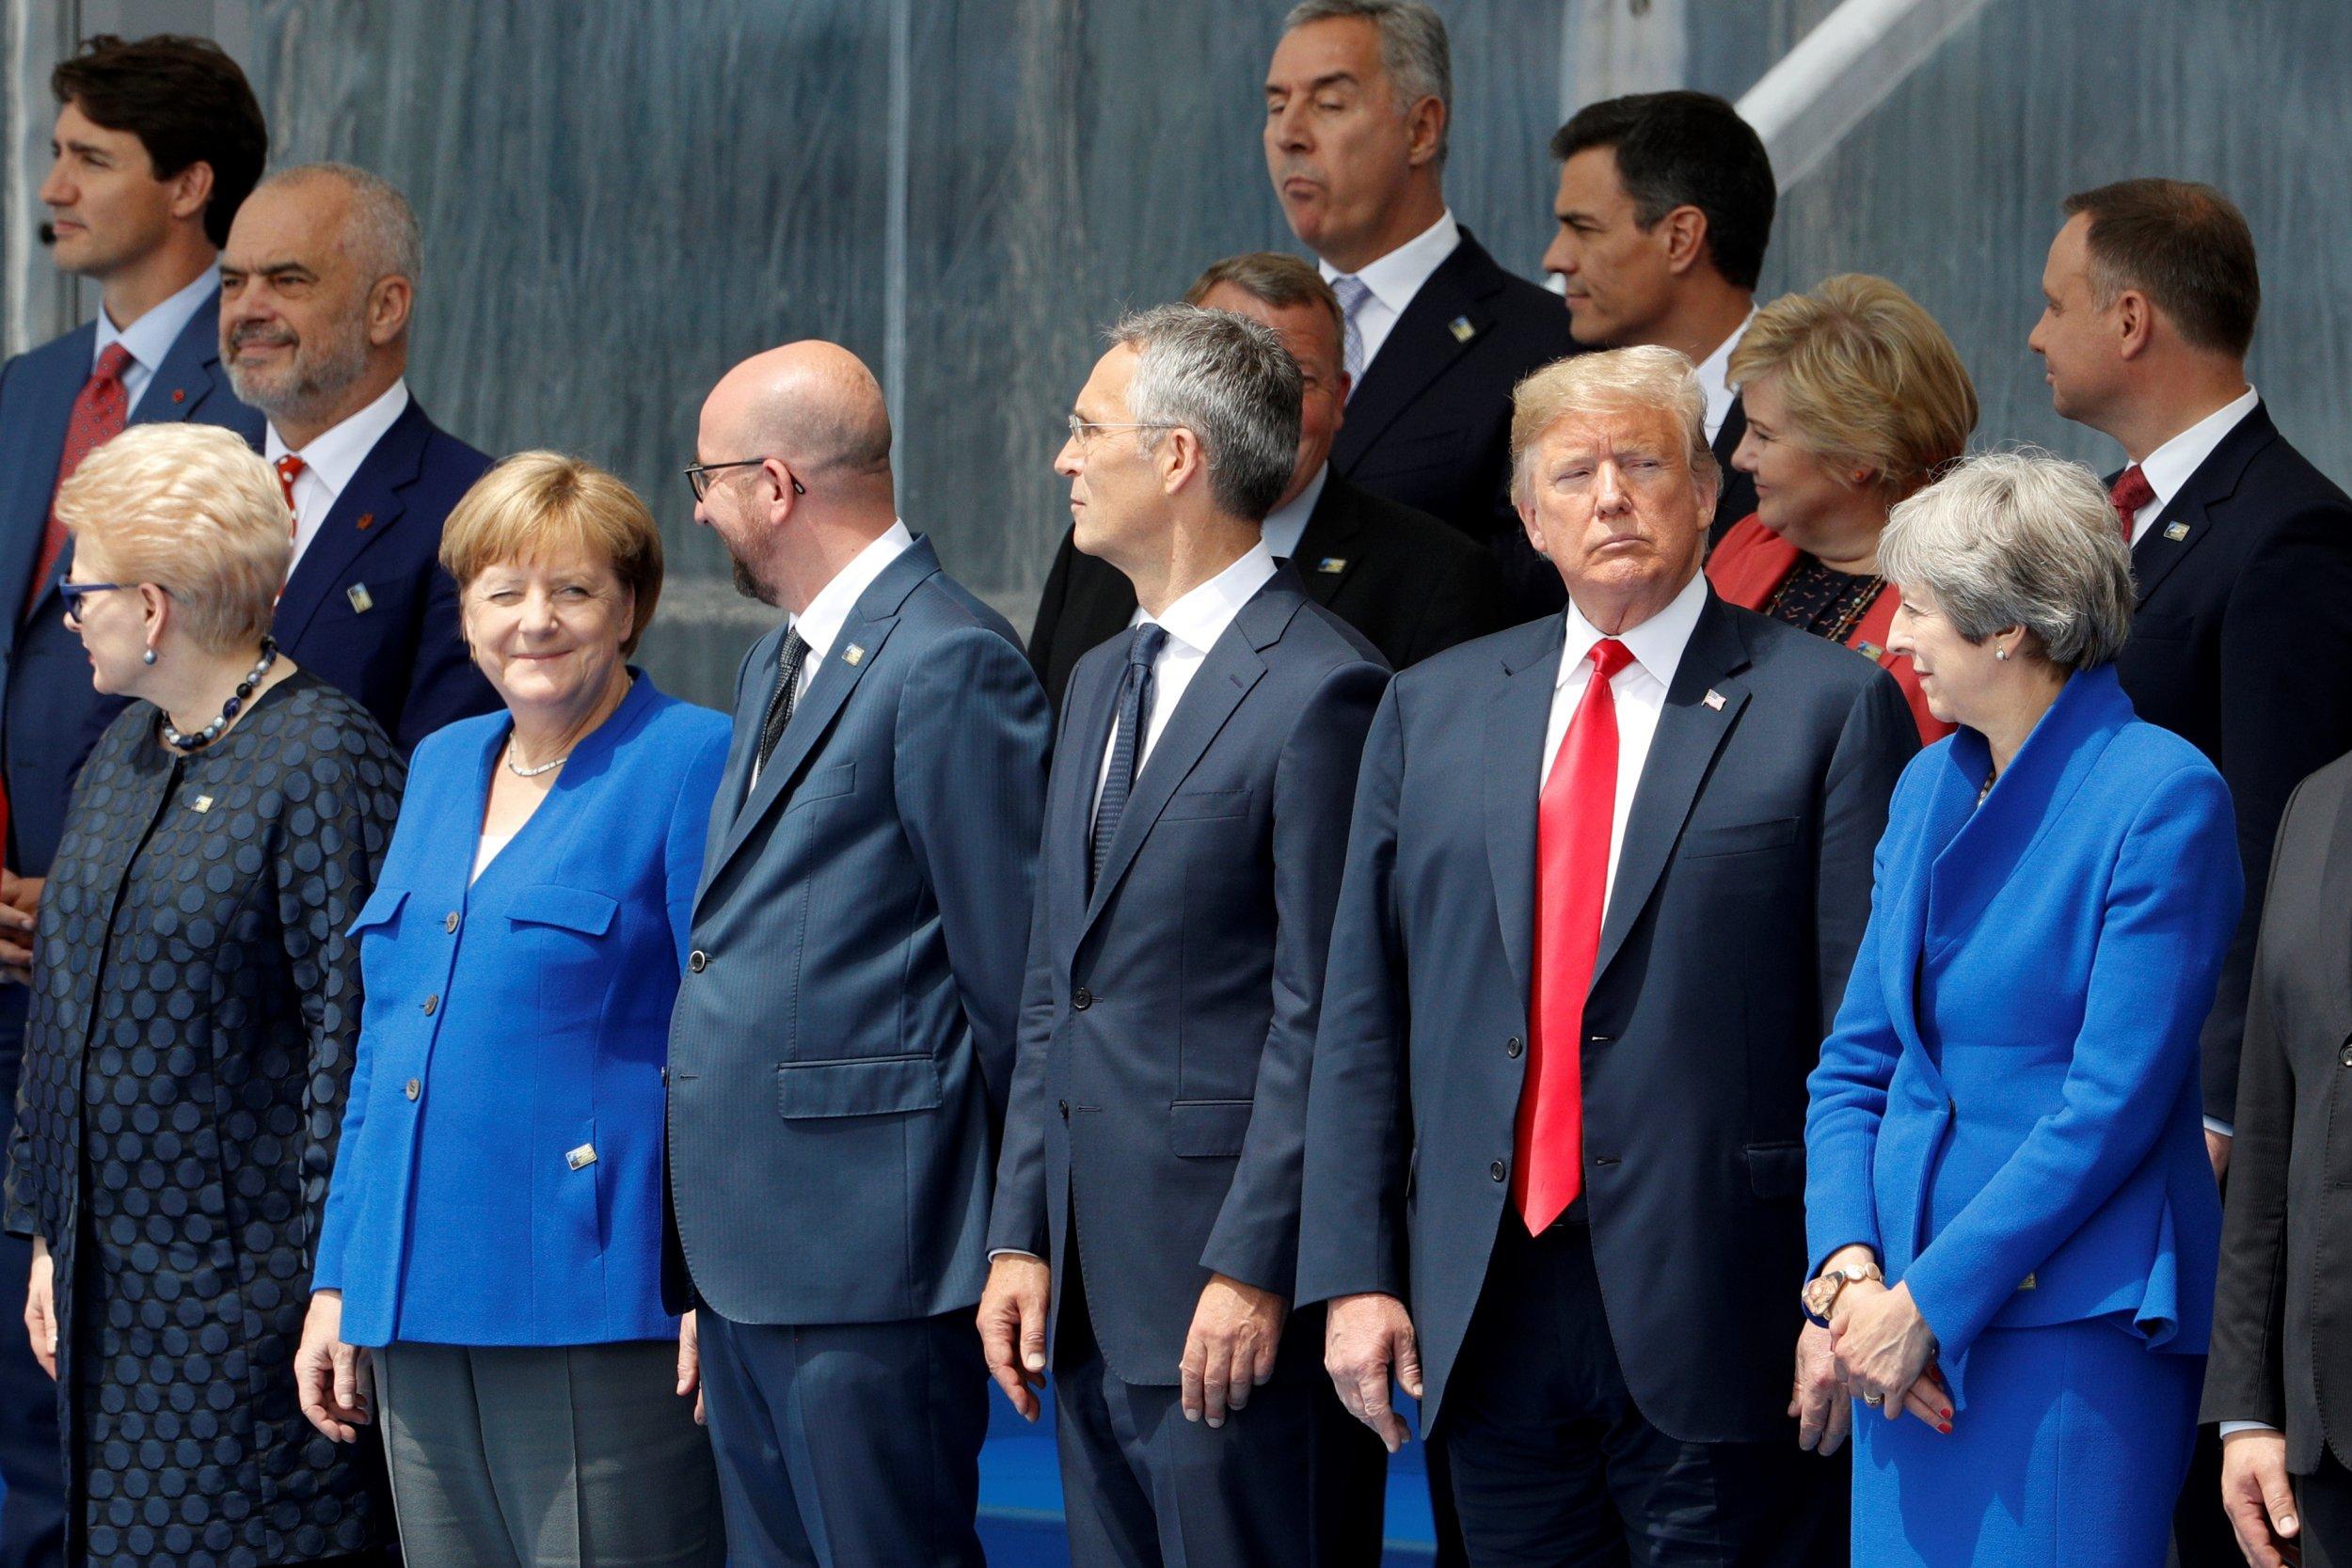 07_11_Trump_NATO